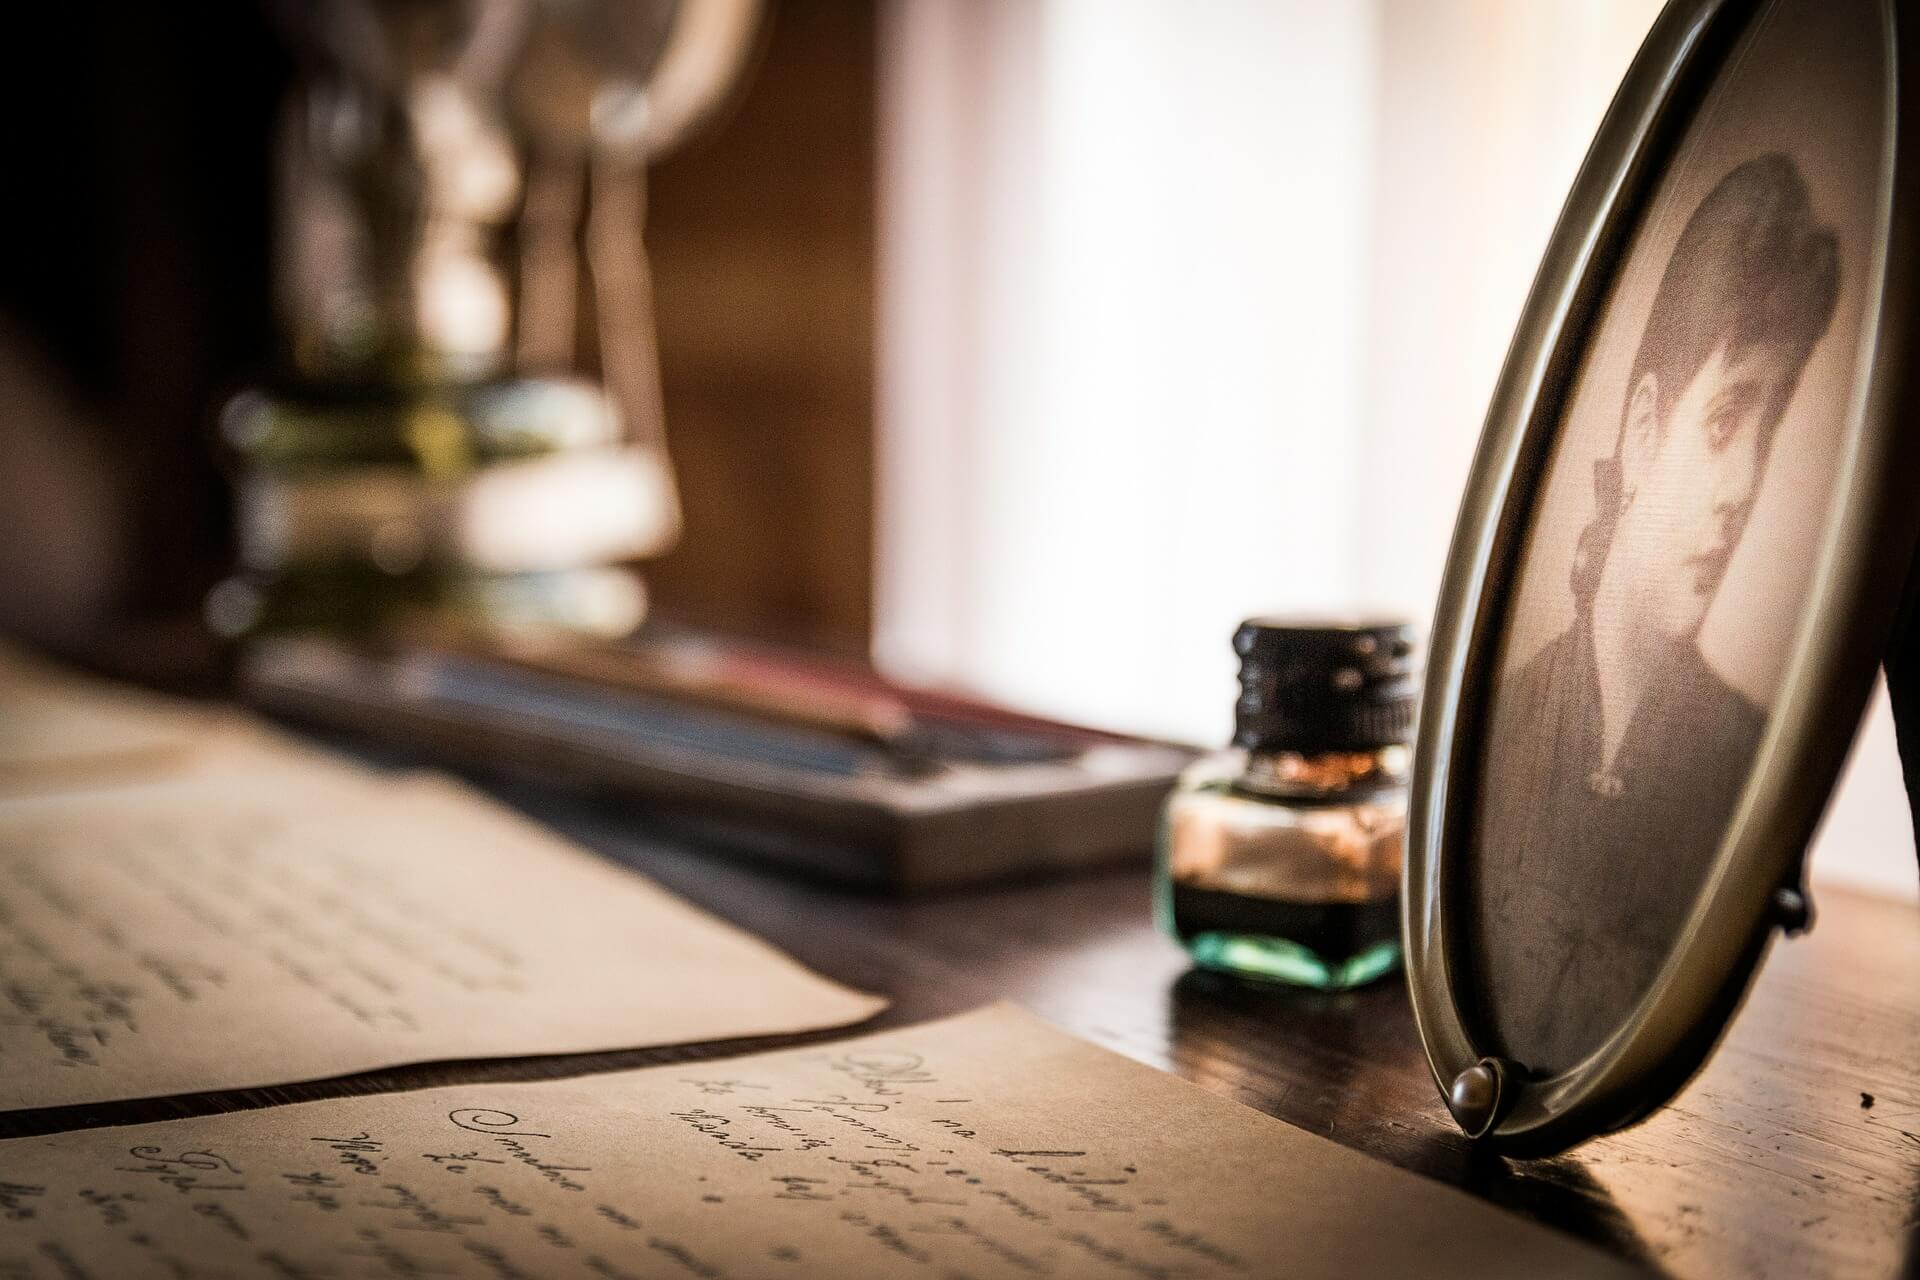 Handgeschriebene Briefe liegen auf einem Schreibtisch, daneben ein ovaler Bilderrahmen mit dem Bild einer Frau